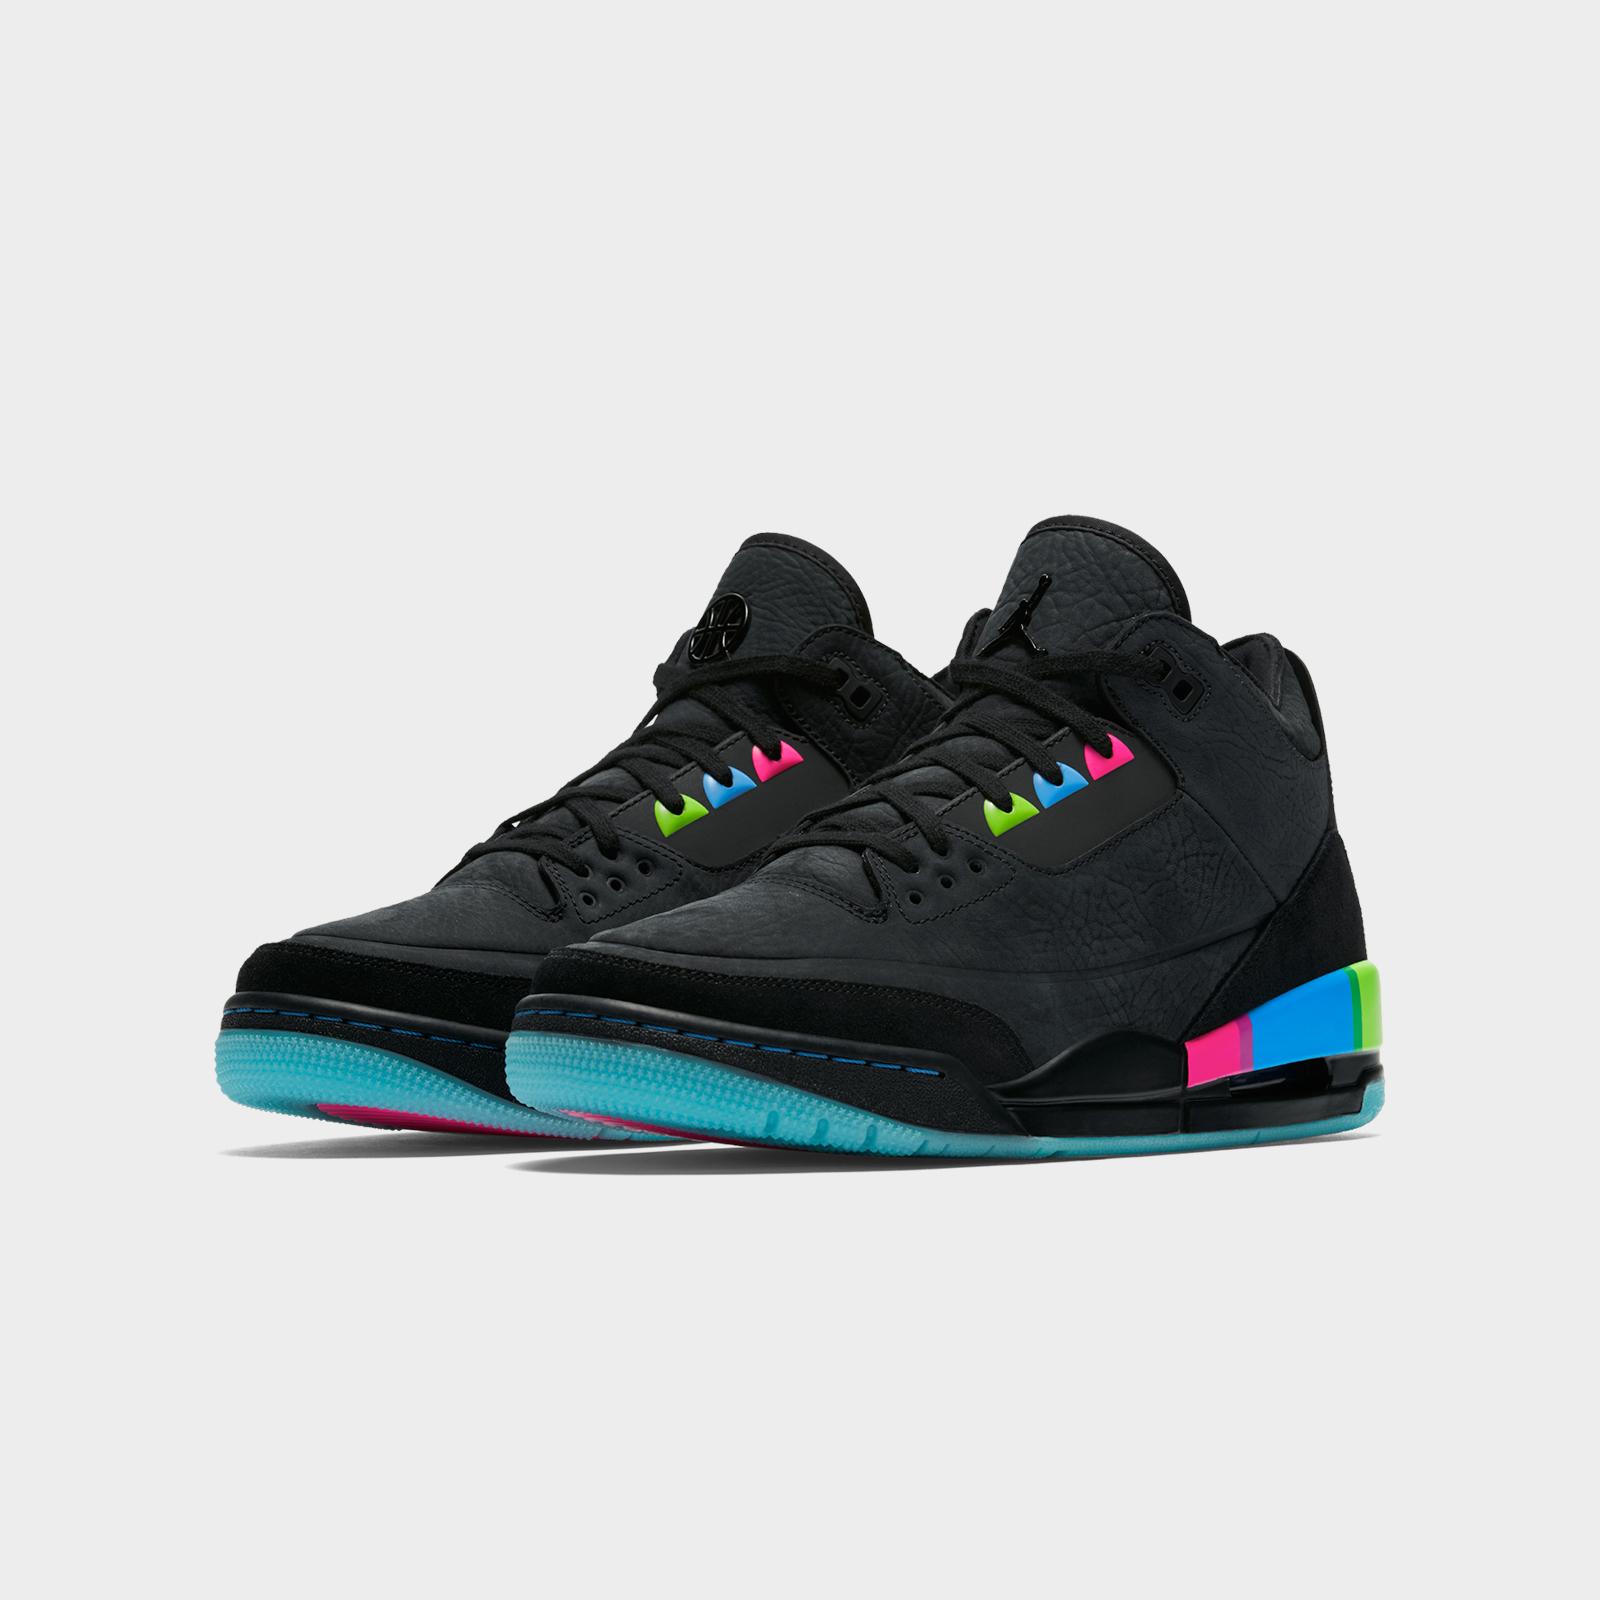 1bbb4ad56920f3 Jordan Brand Air Jordan 3 Retro Se Q54 - At9195-001 - Sneakersnstuff ...